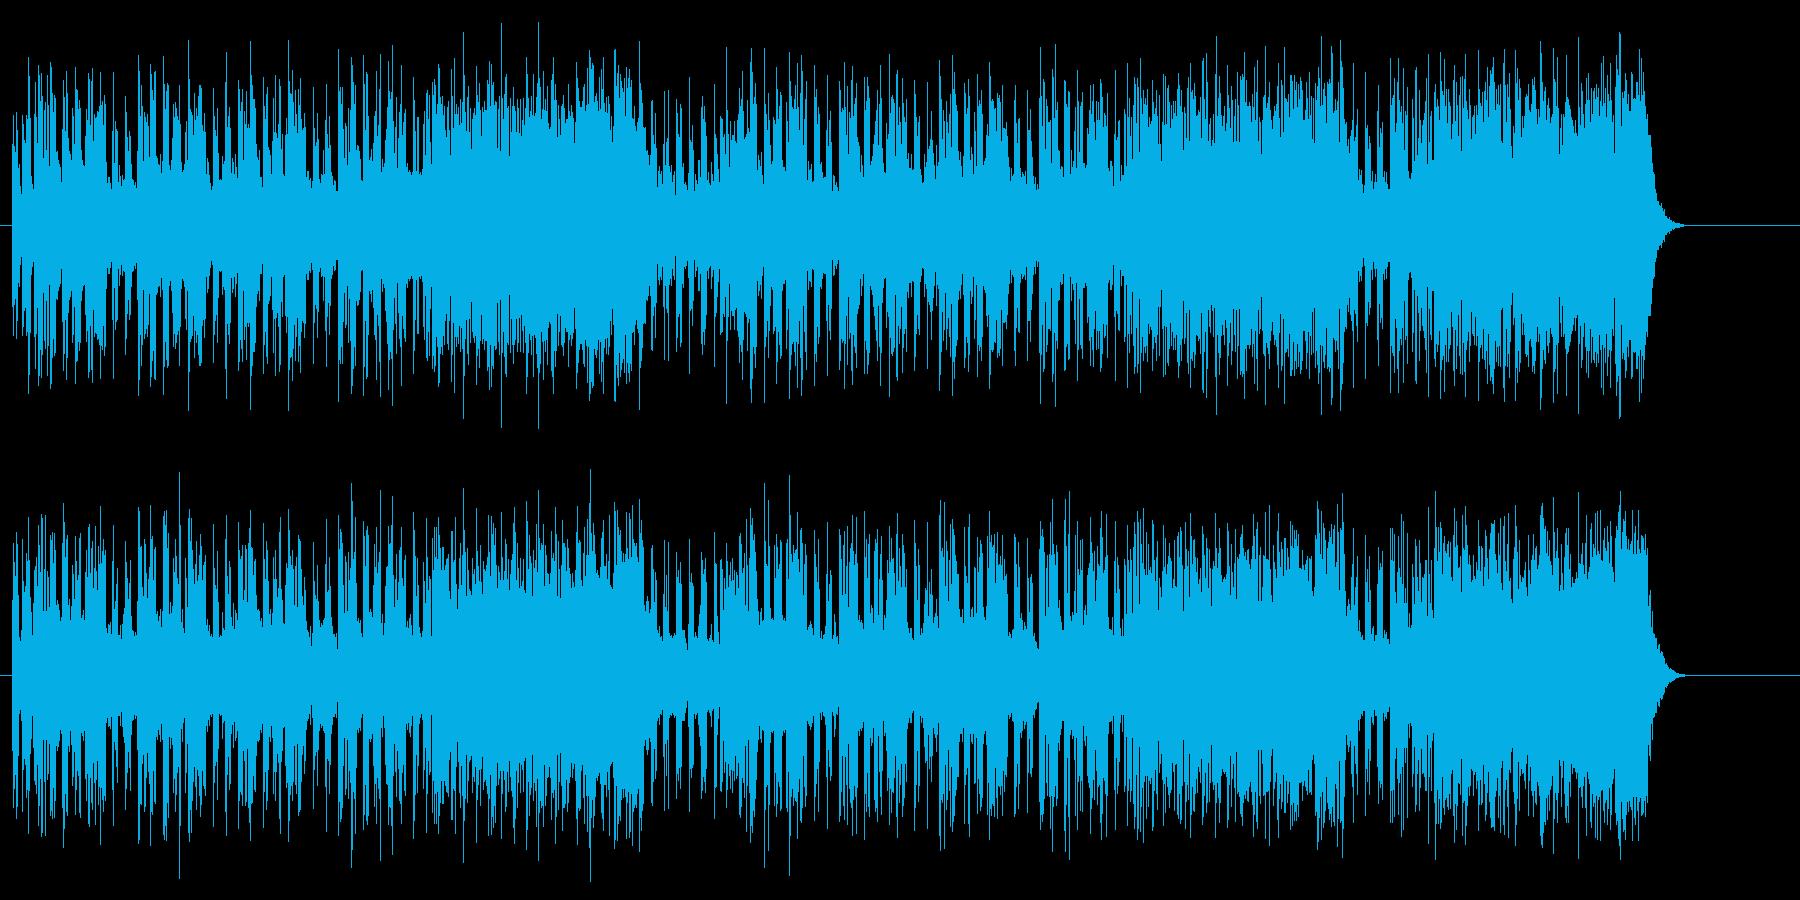 スリル感を高めるビートサウンドの再生済みの波形